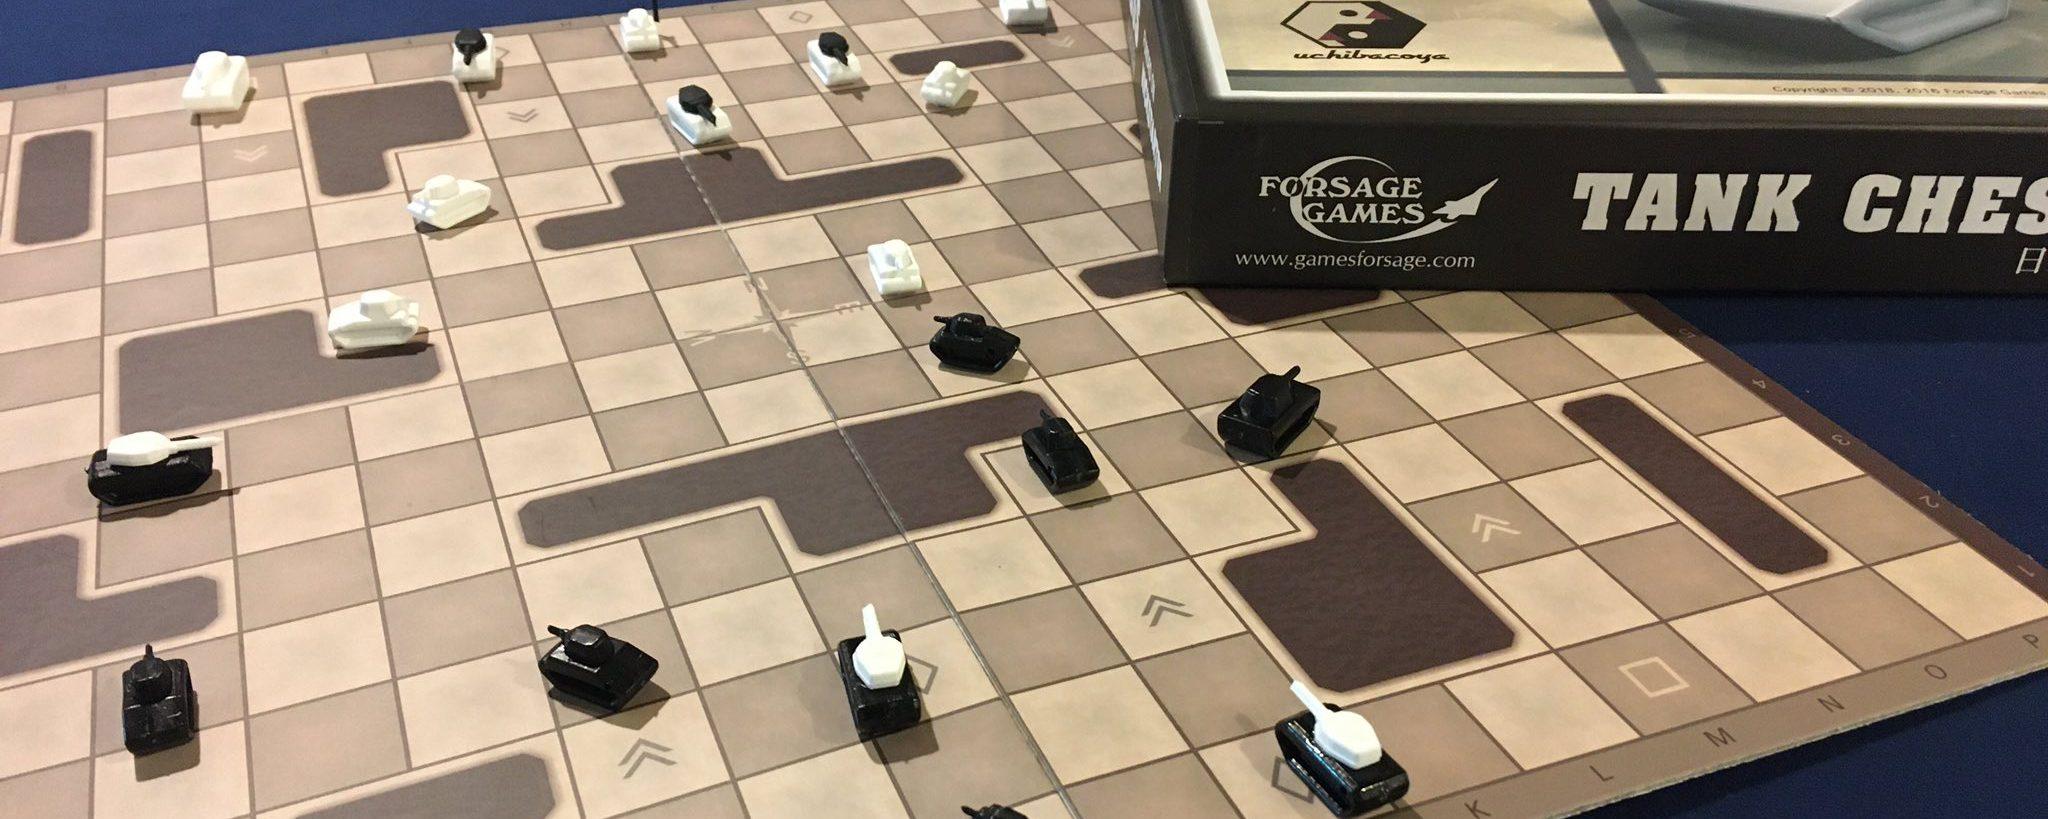 緻密な頭脳戦が楽しめる・・!!「タンクチェス」